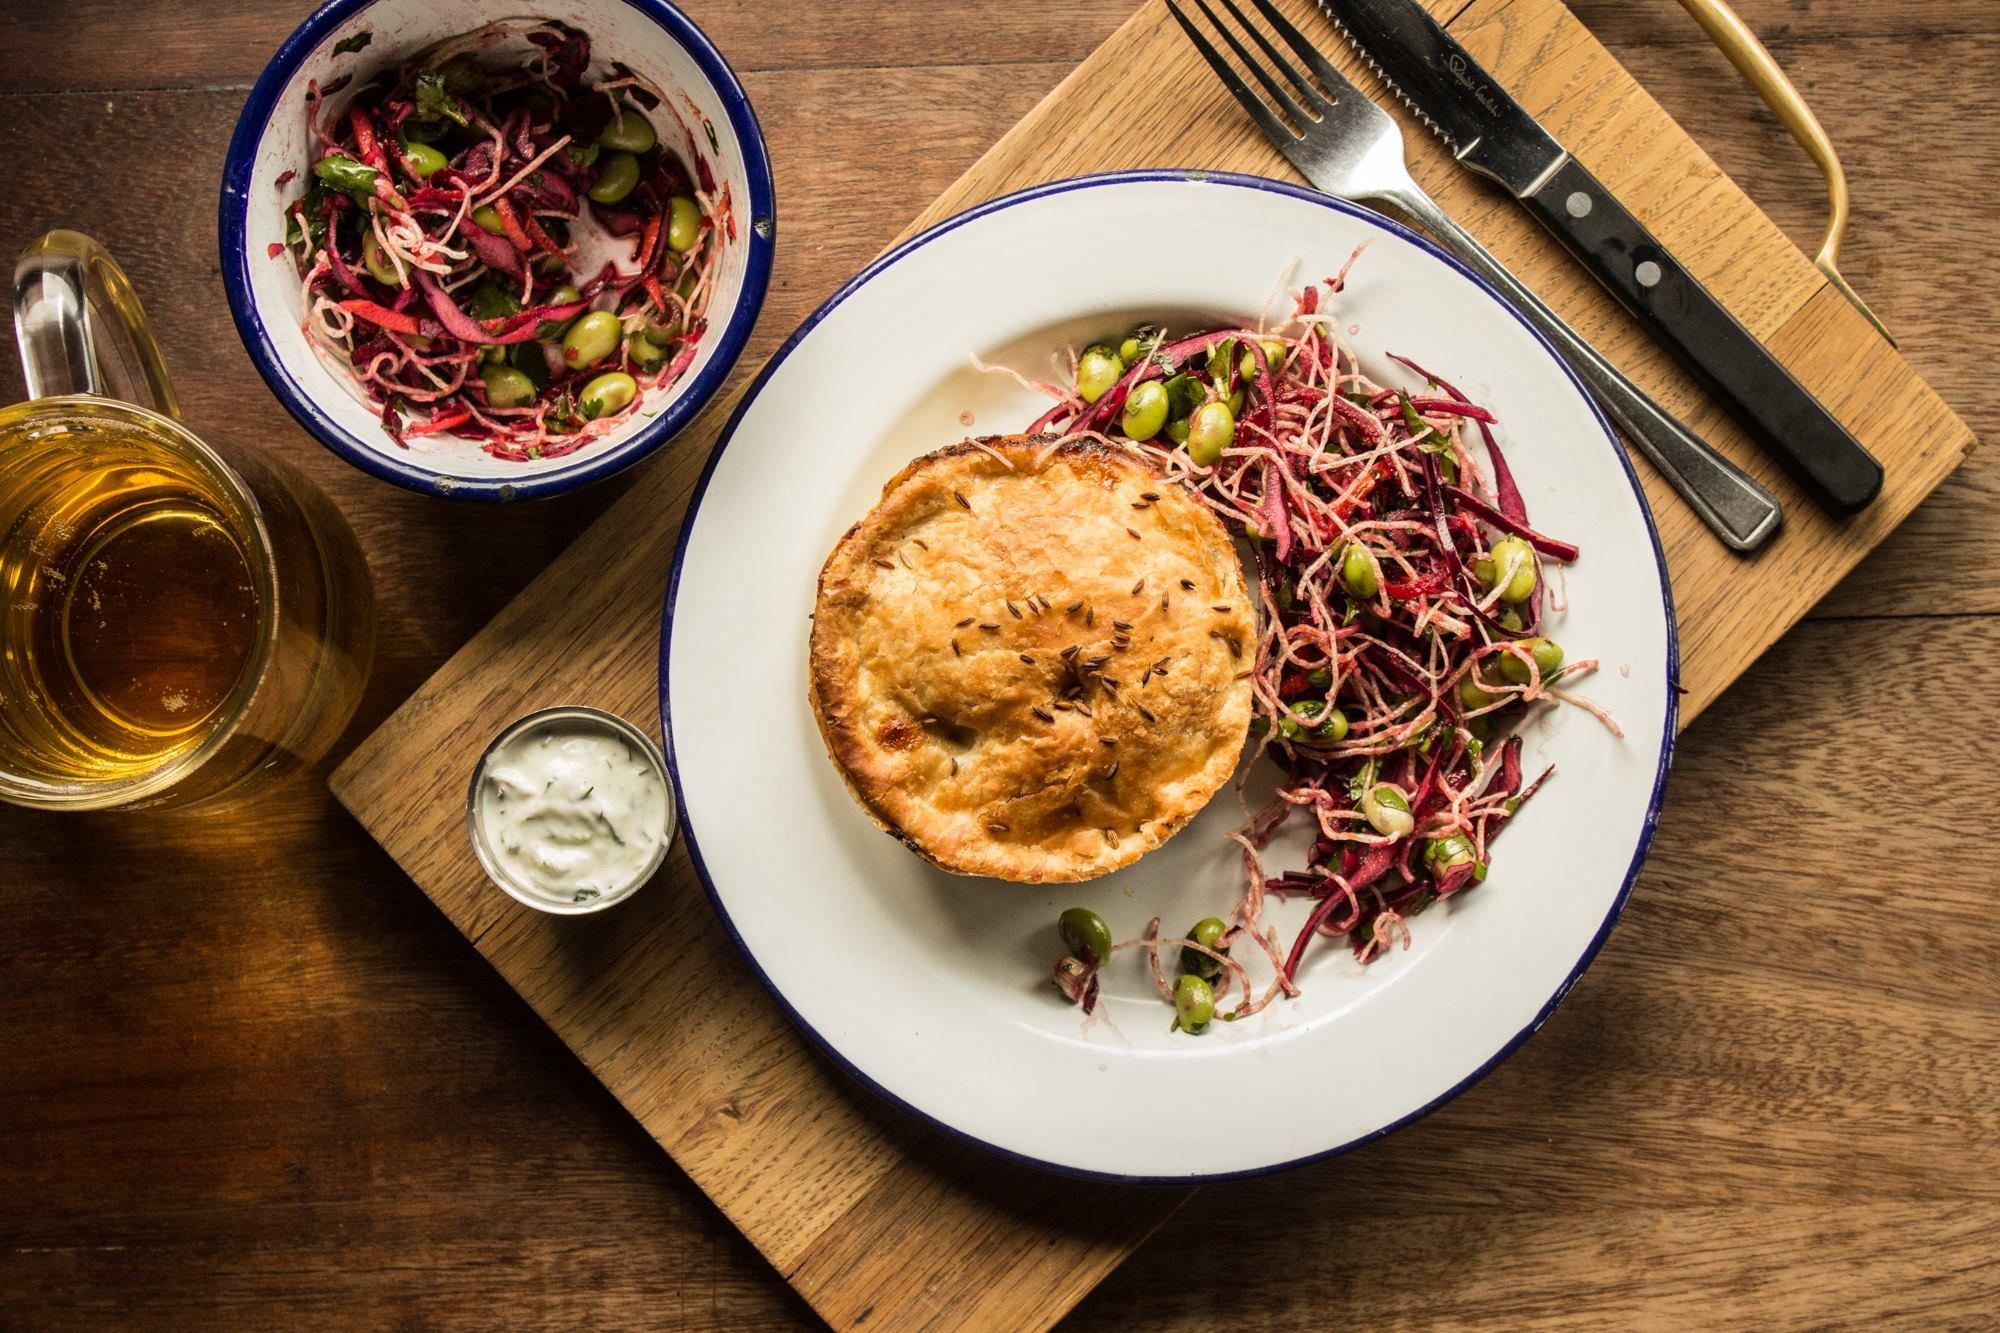 Best British Pub Food Recipes